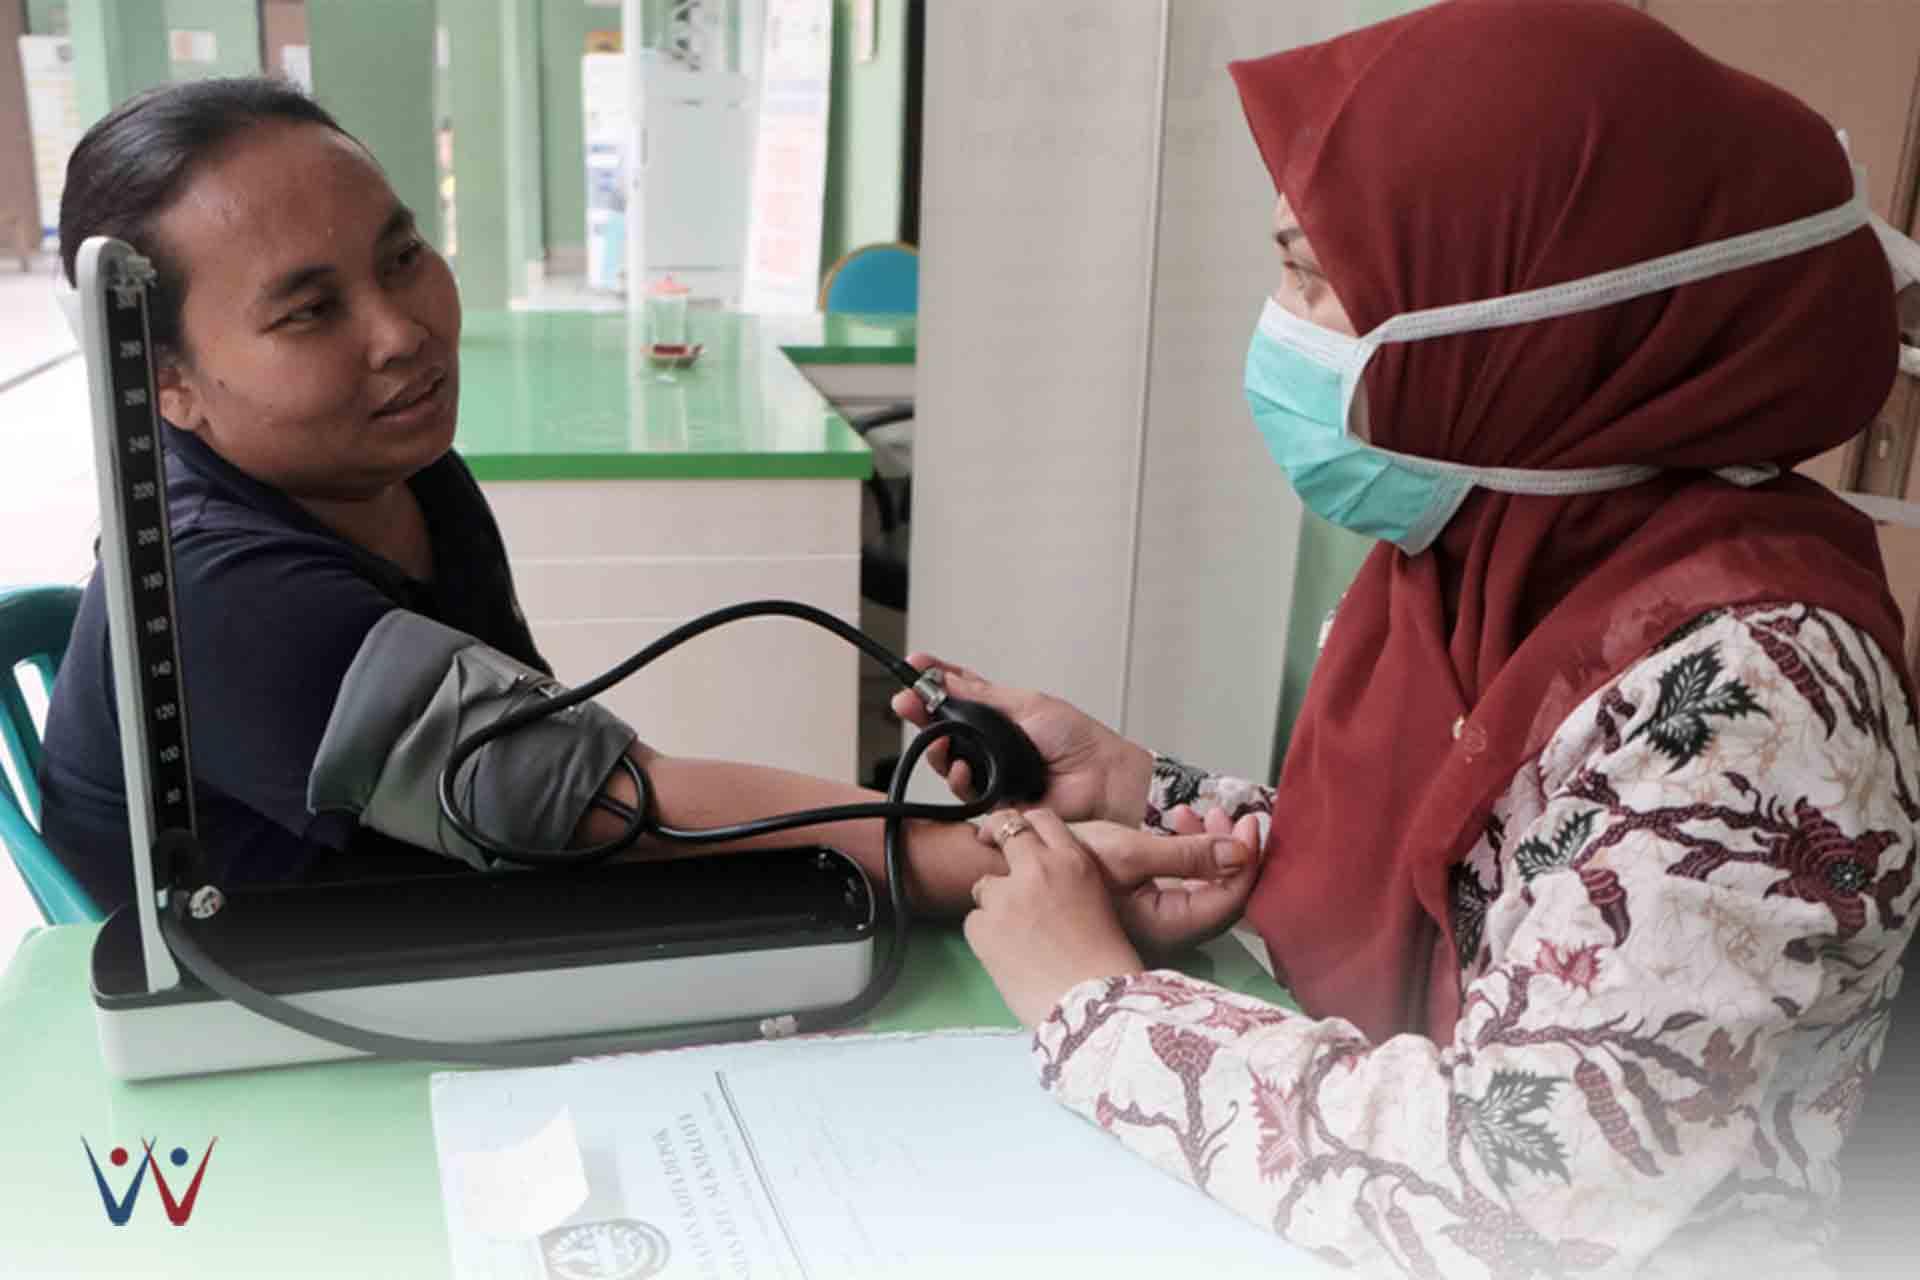 Layanan Kesehatan dan Penyakit yang Ditanggung maupun yang Tidak Ditanggung oleh BPJS Kesehatan